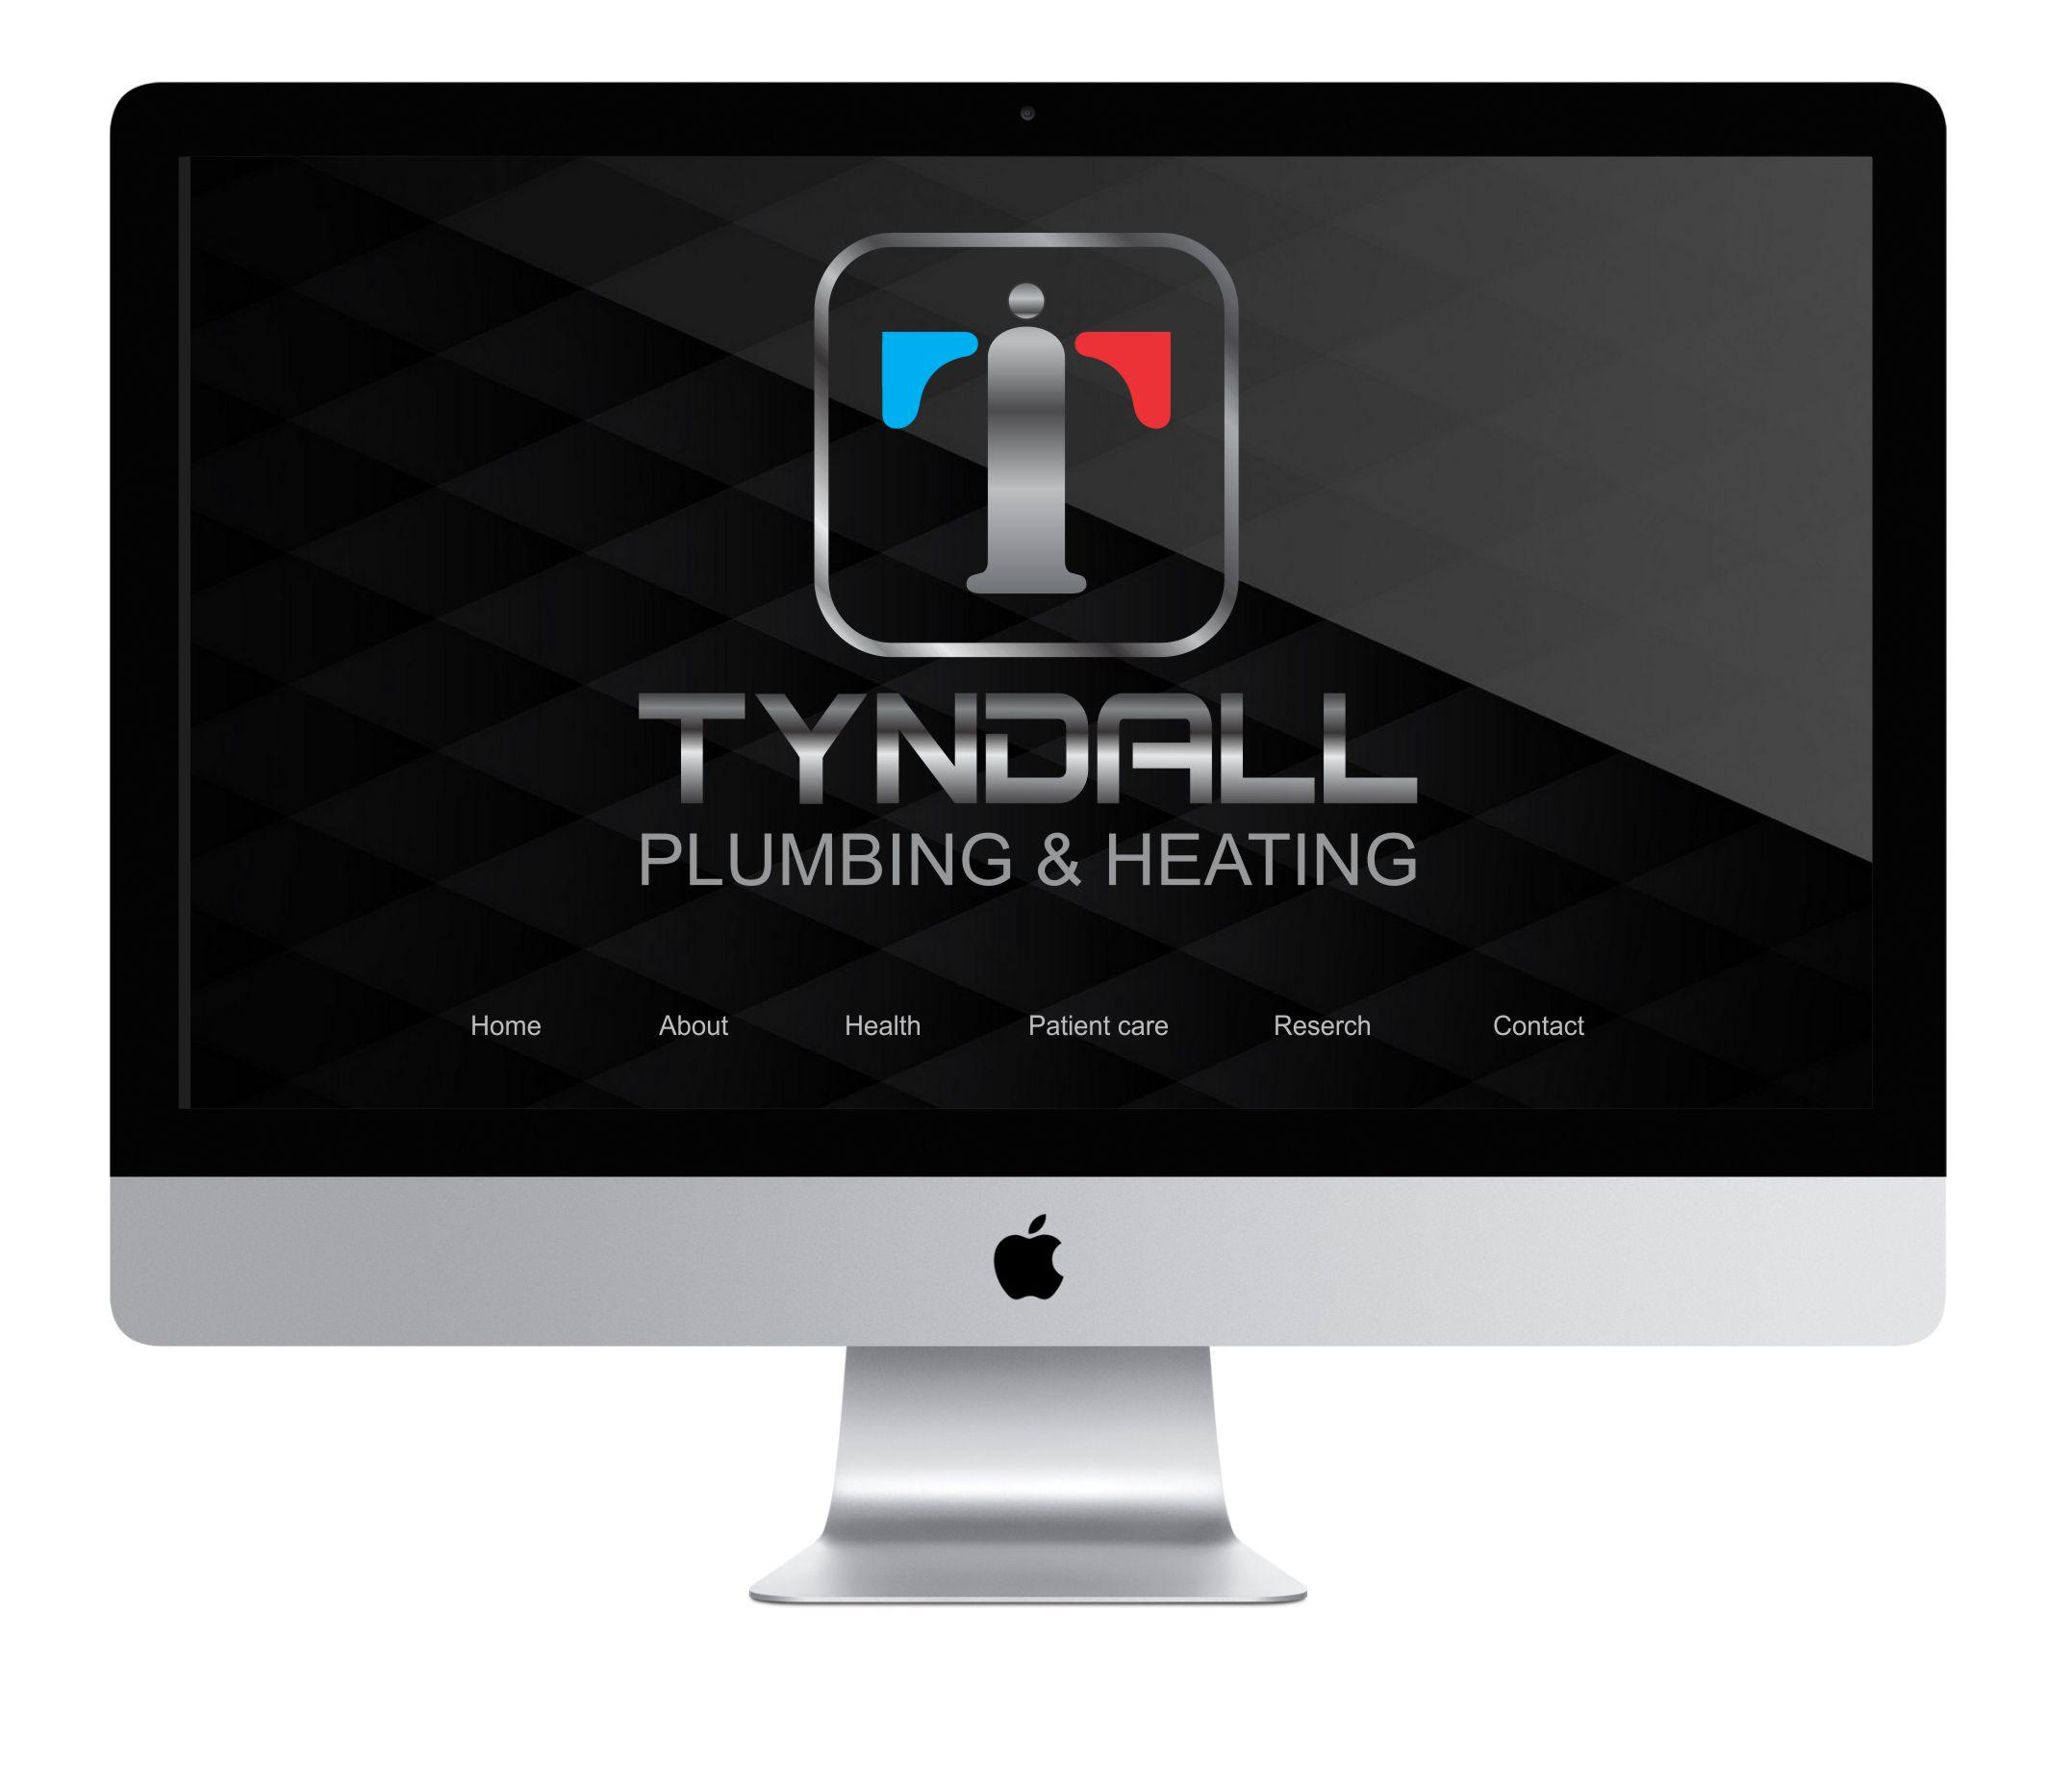 Logo Design by Nikola Kapunac - Entry No. 130 in the Logo Design Contest Imaginative Logo Design for Tyndall Plumbing & Heating.